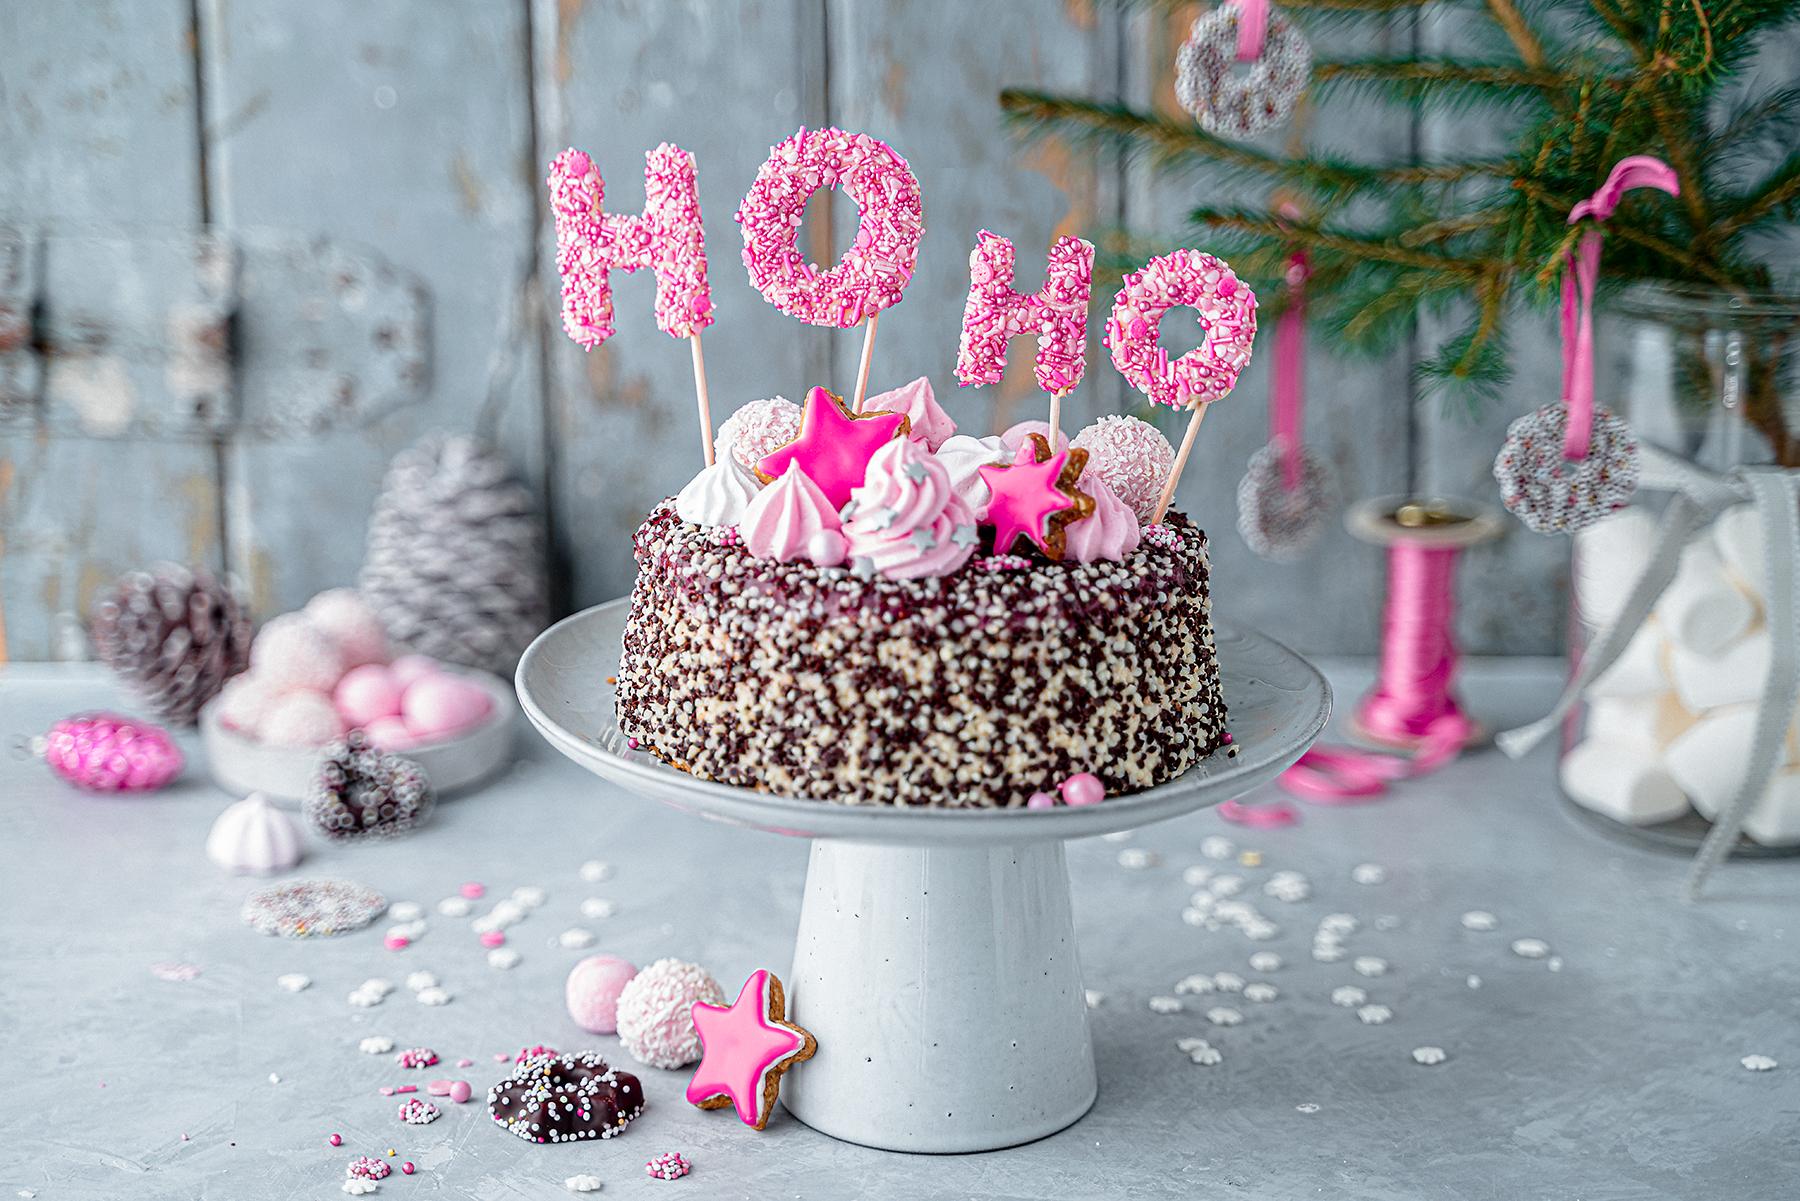 Hohoho-Christmascaketopper für unsere Stracciatella-Kirsch-Torte